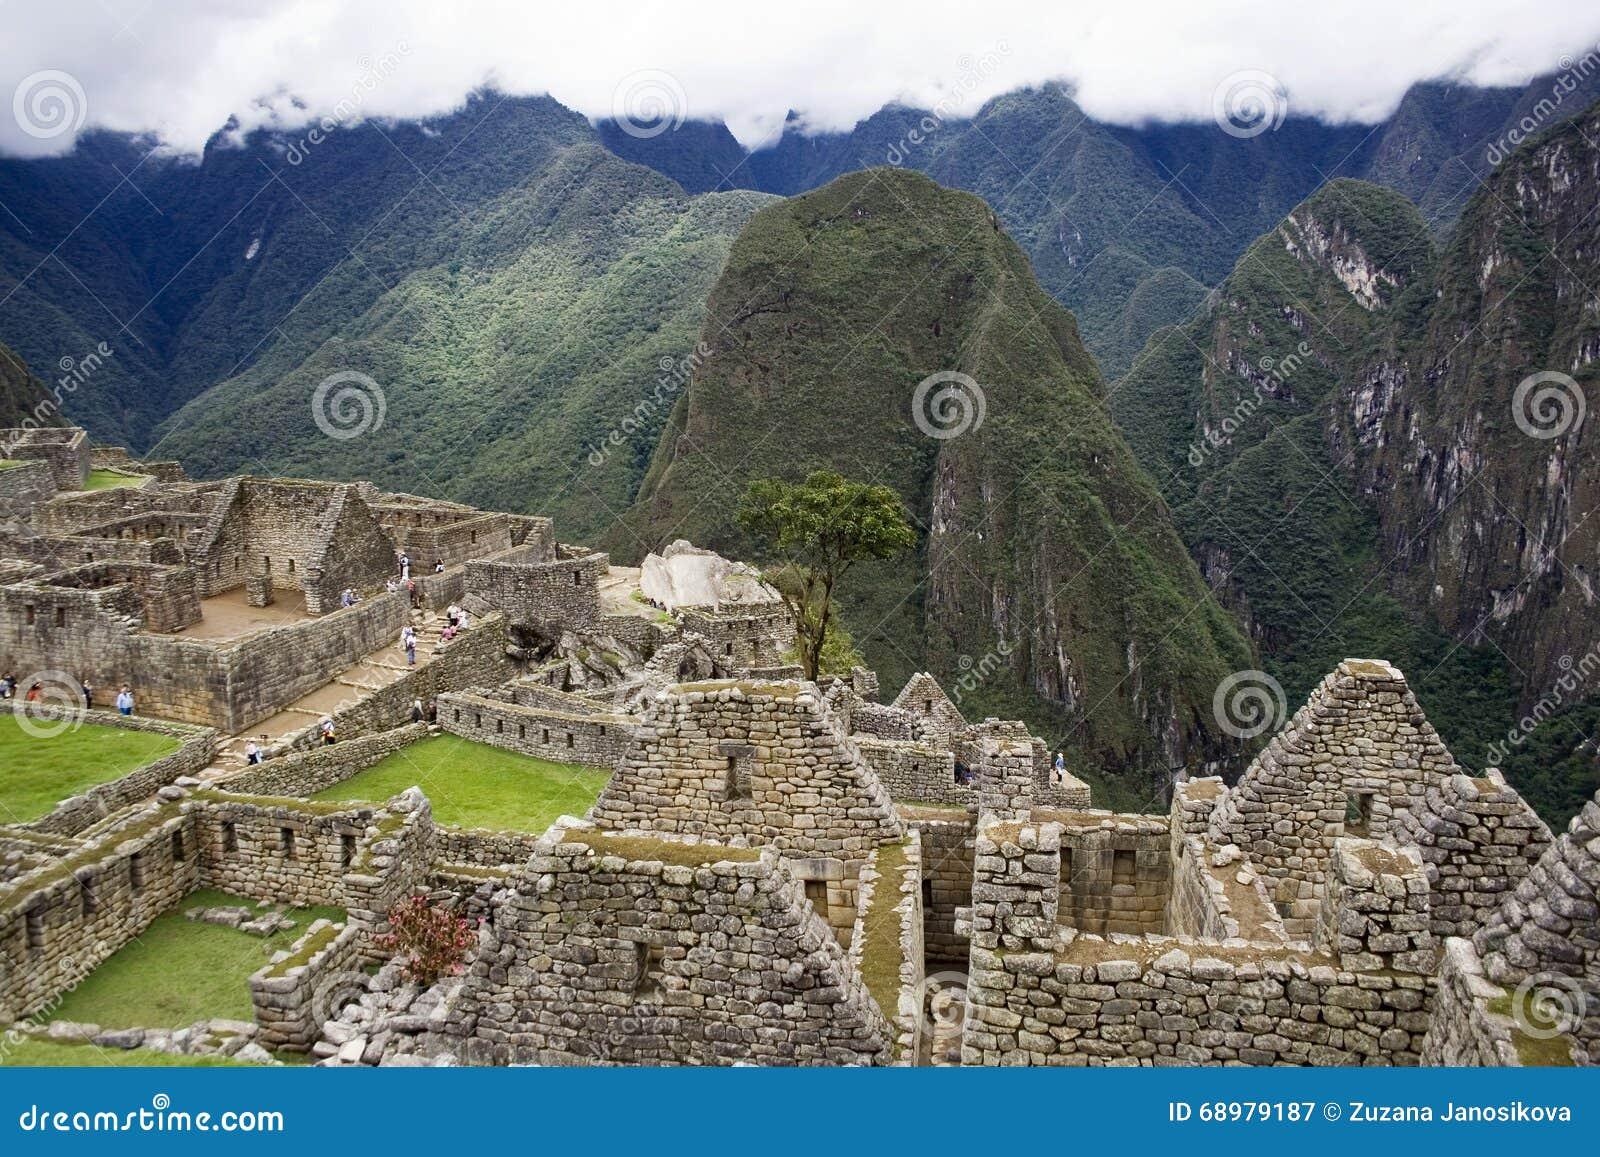 Ciudad Incan antigua de Machu Picchu, Perú